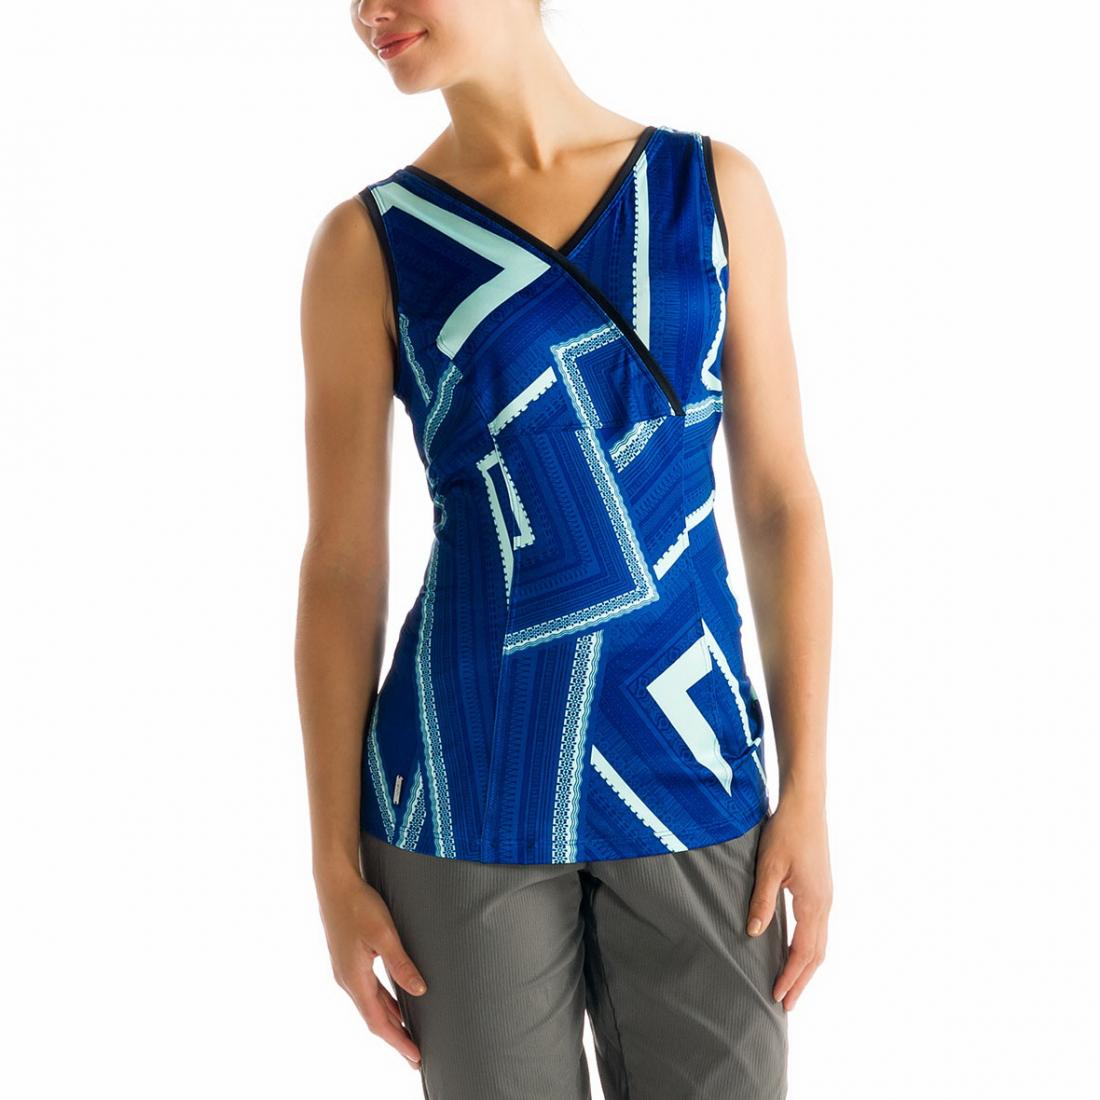 Топ LSW1006 SIENNA TANK TOPФутболки, поло<br><br> Топ Sienna Tank Top бренда Lole позволяет женщинам чувствовать себя уверенно, притягательно и свободно. Благодаря особенностям кроя он не сковы...<br><br>Цвет: Синий<br>Размер: L